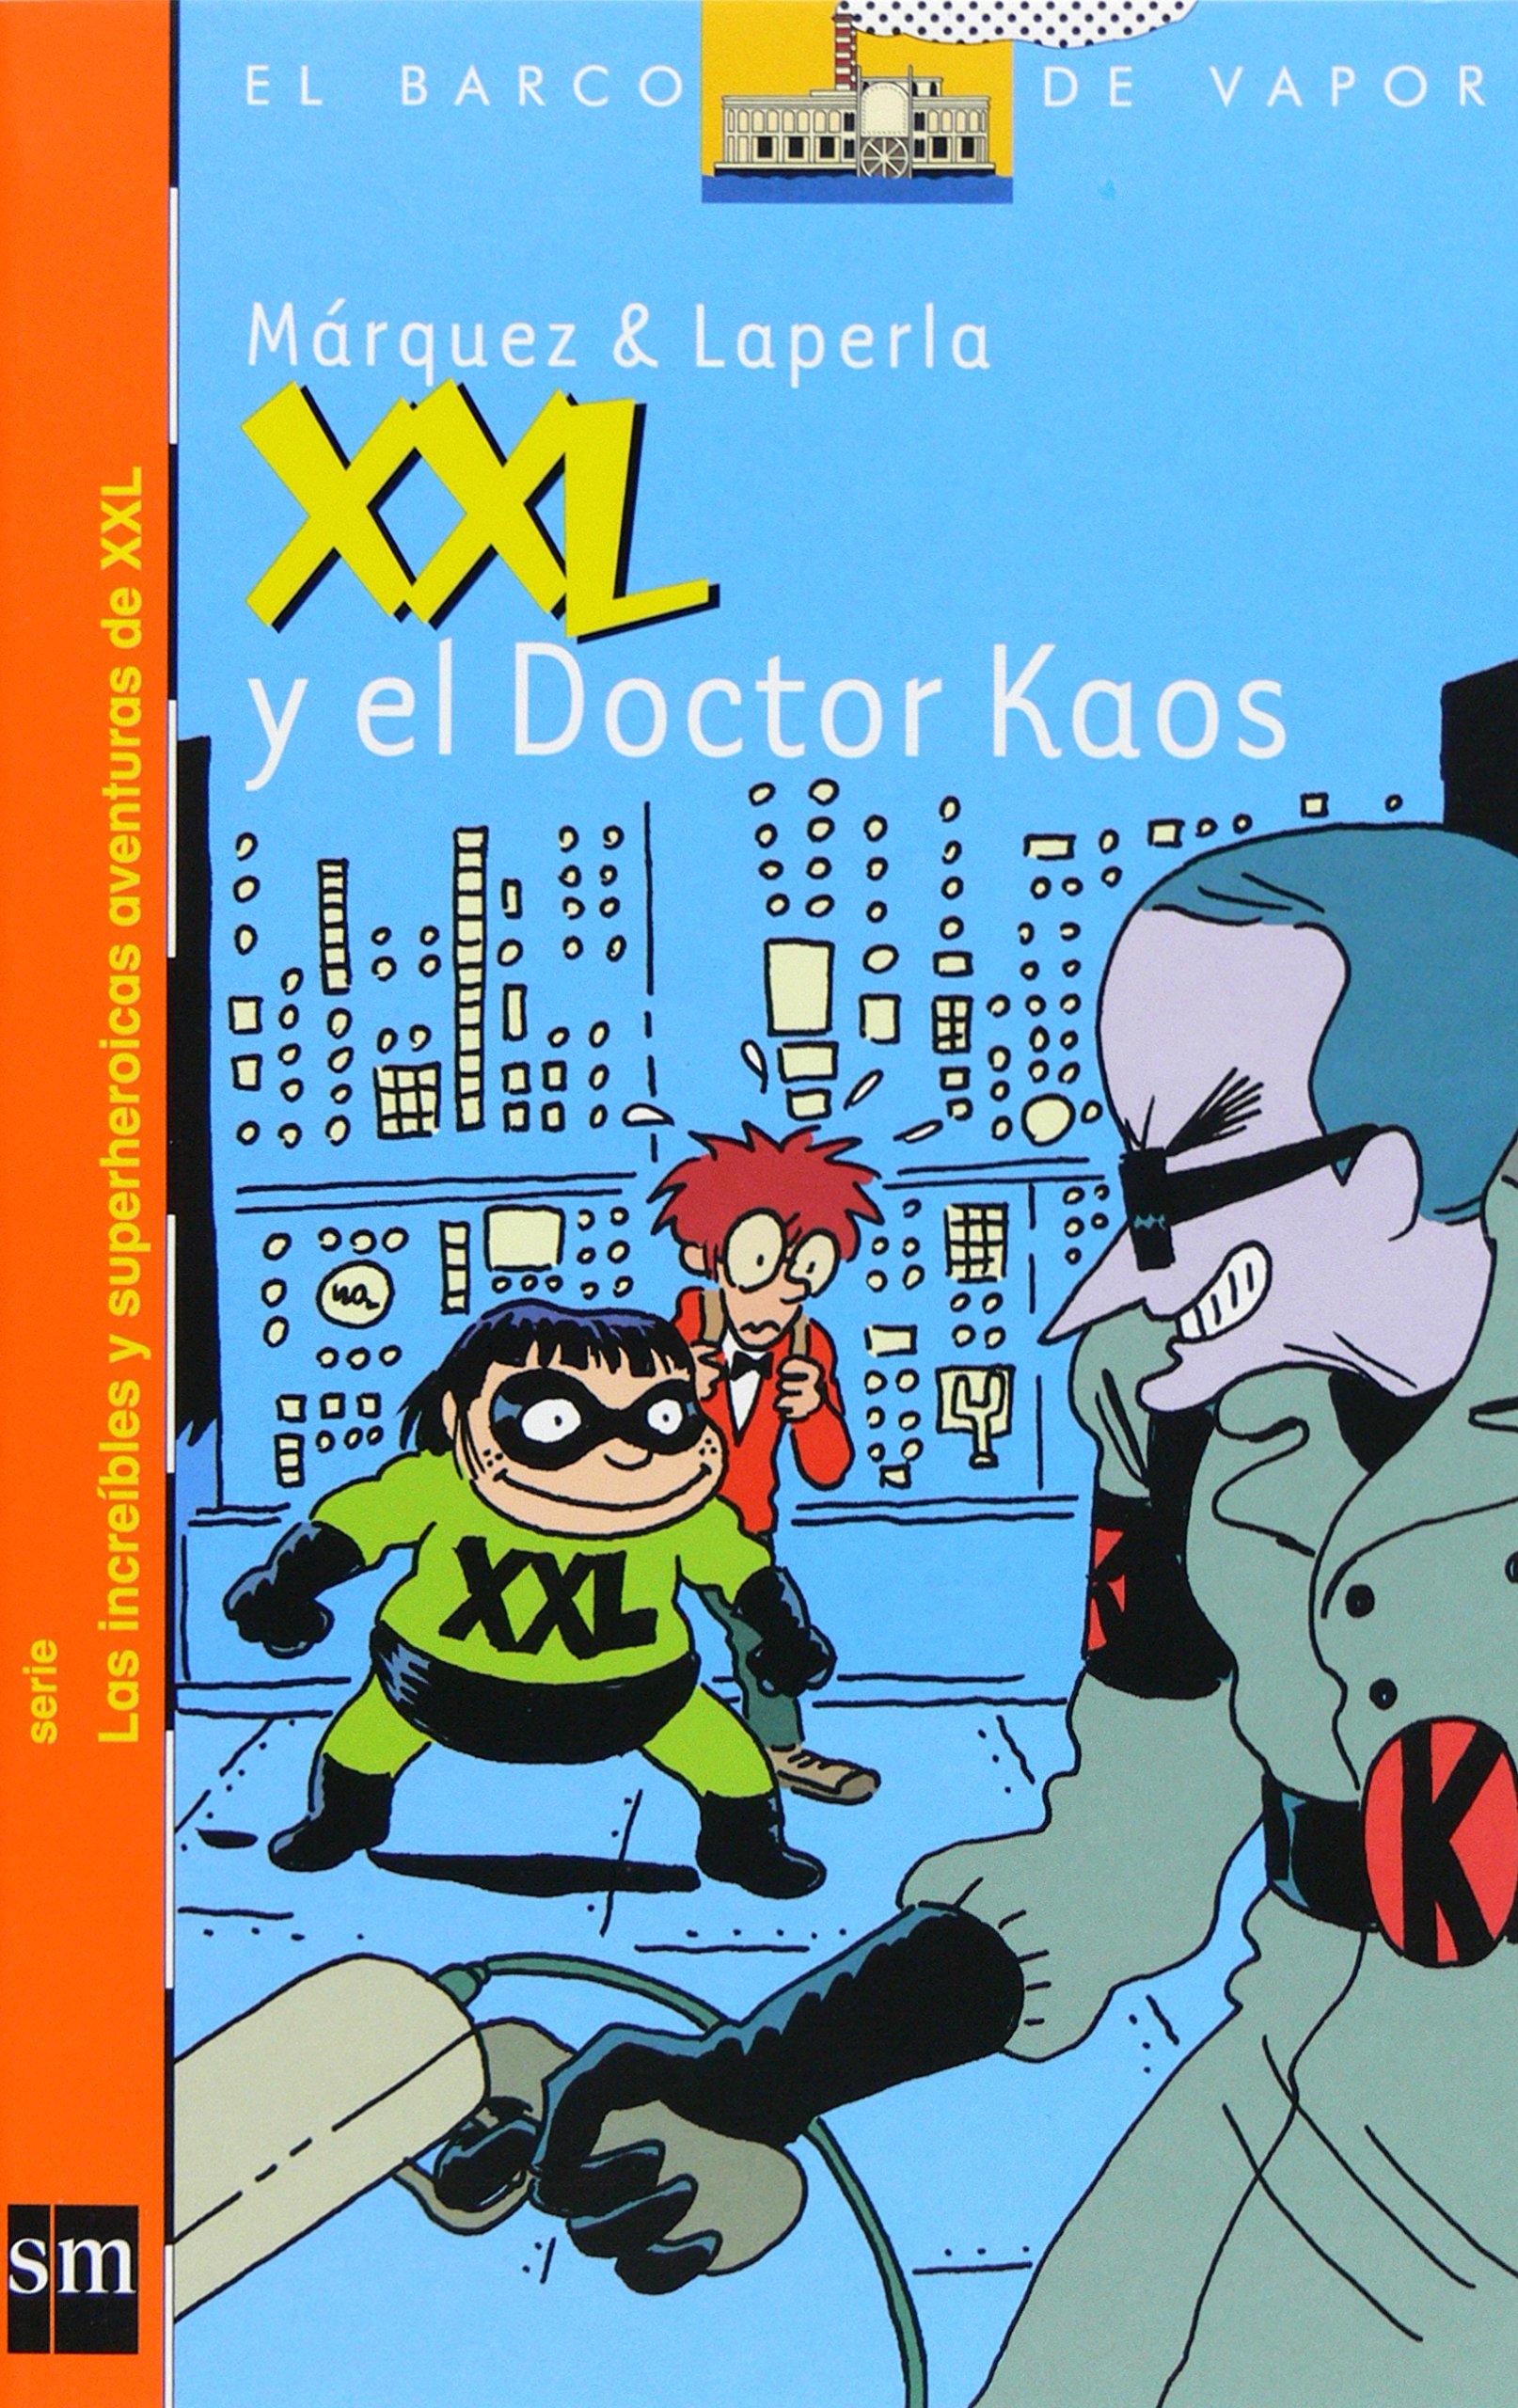 XXL y el Doctor Kaos (El Barco de Vapor Naranja): Amazon.es: Eduard Márquez  Tañá, Artur Laperla, Pau Centellas: Libros